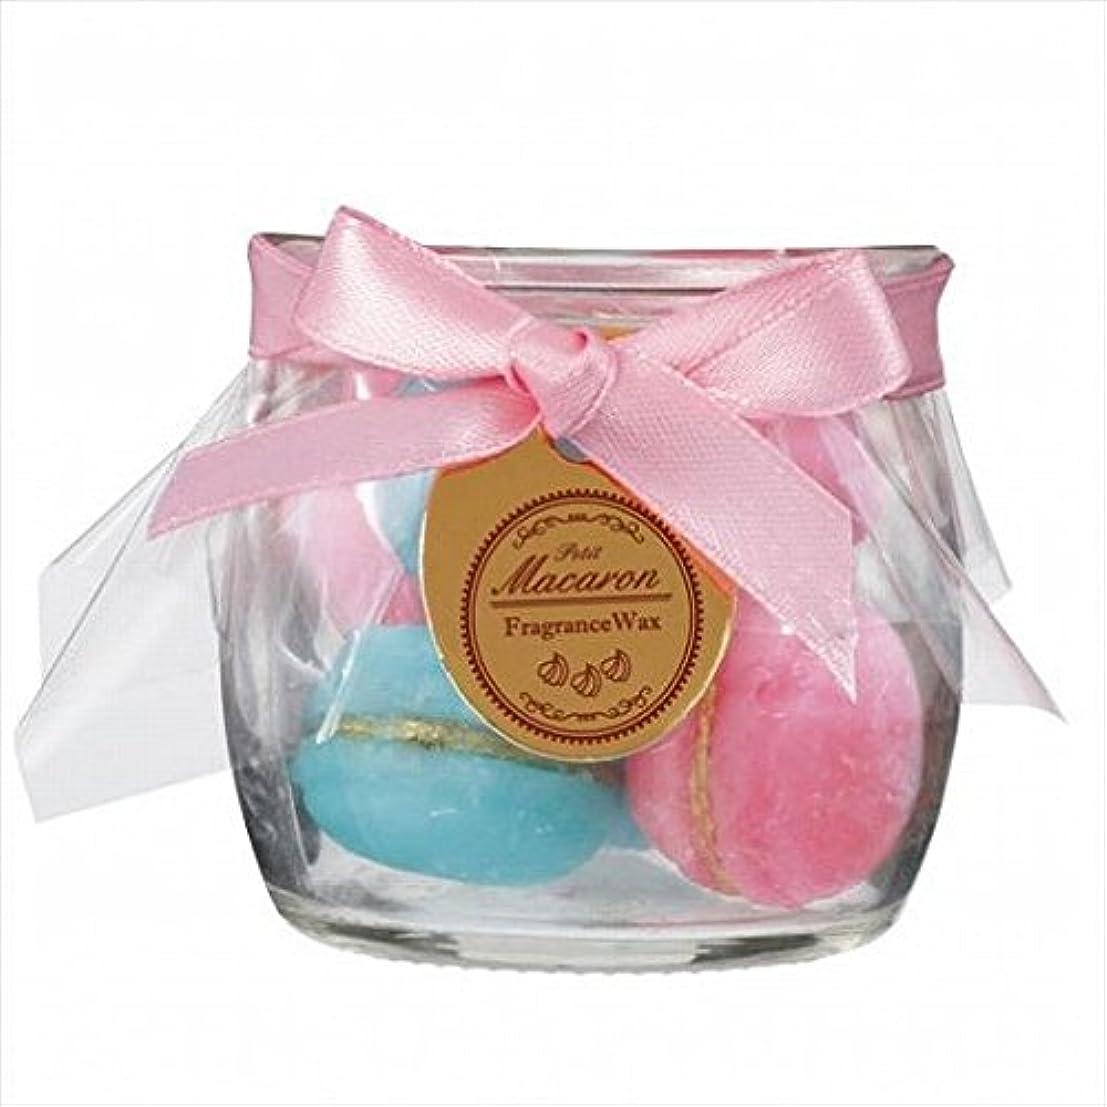 方法制限する識字sweets candle(スイーツキャンドル) プチマカロンフレグランス 「 ピーチ 」 キャンドル 60x60x56mm (A3160540)